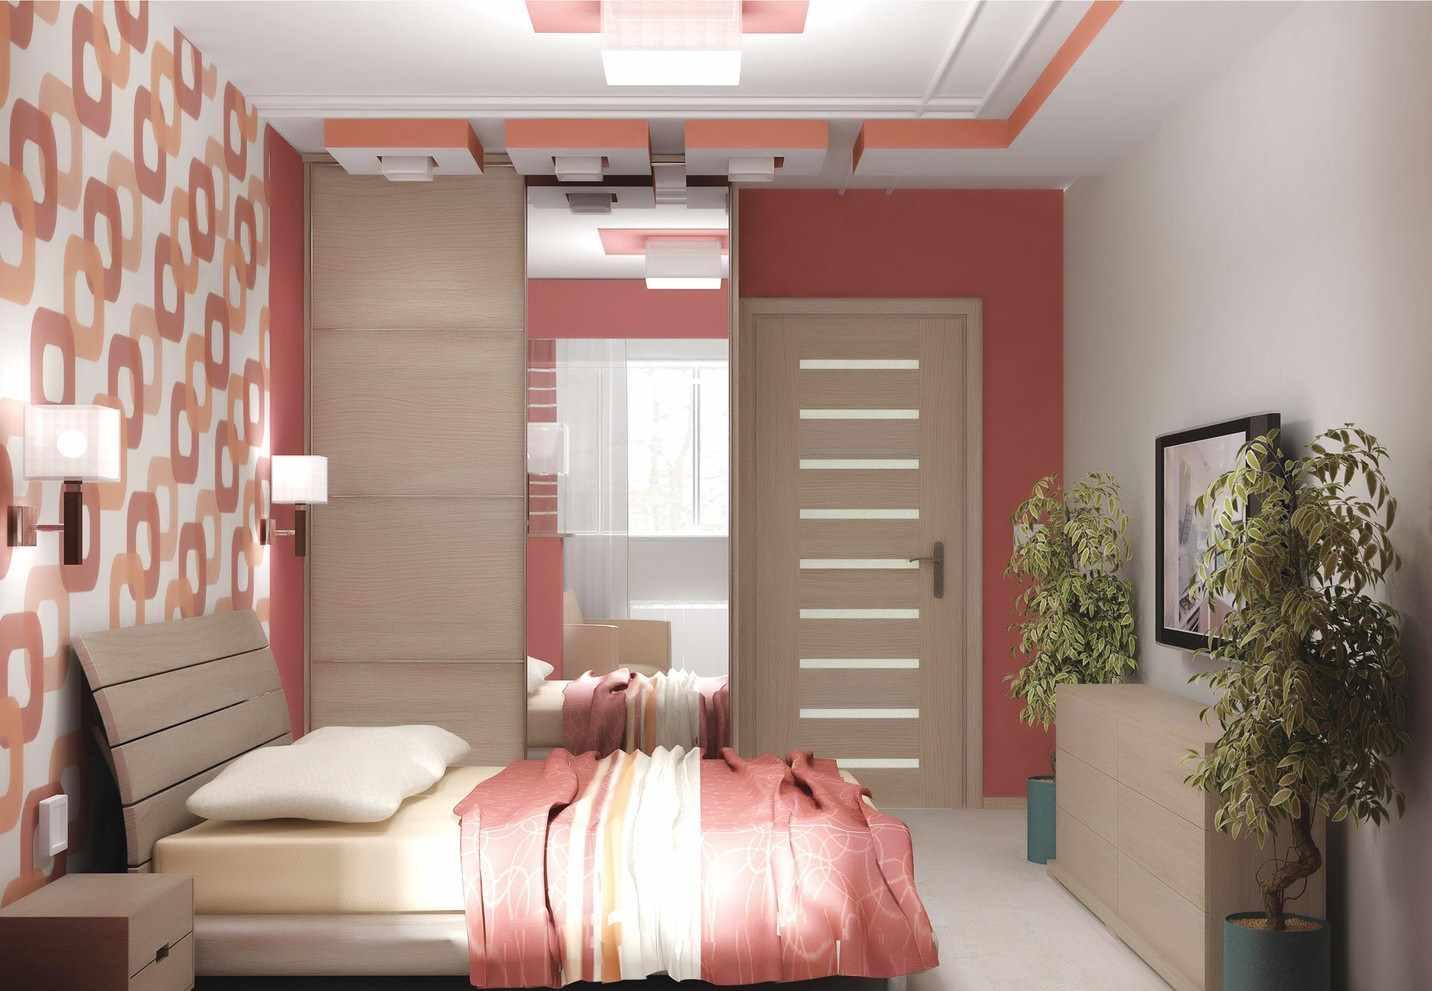 idée d'un décor clair d'une chambre étroite